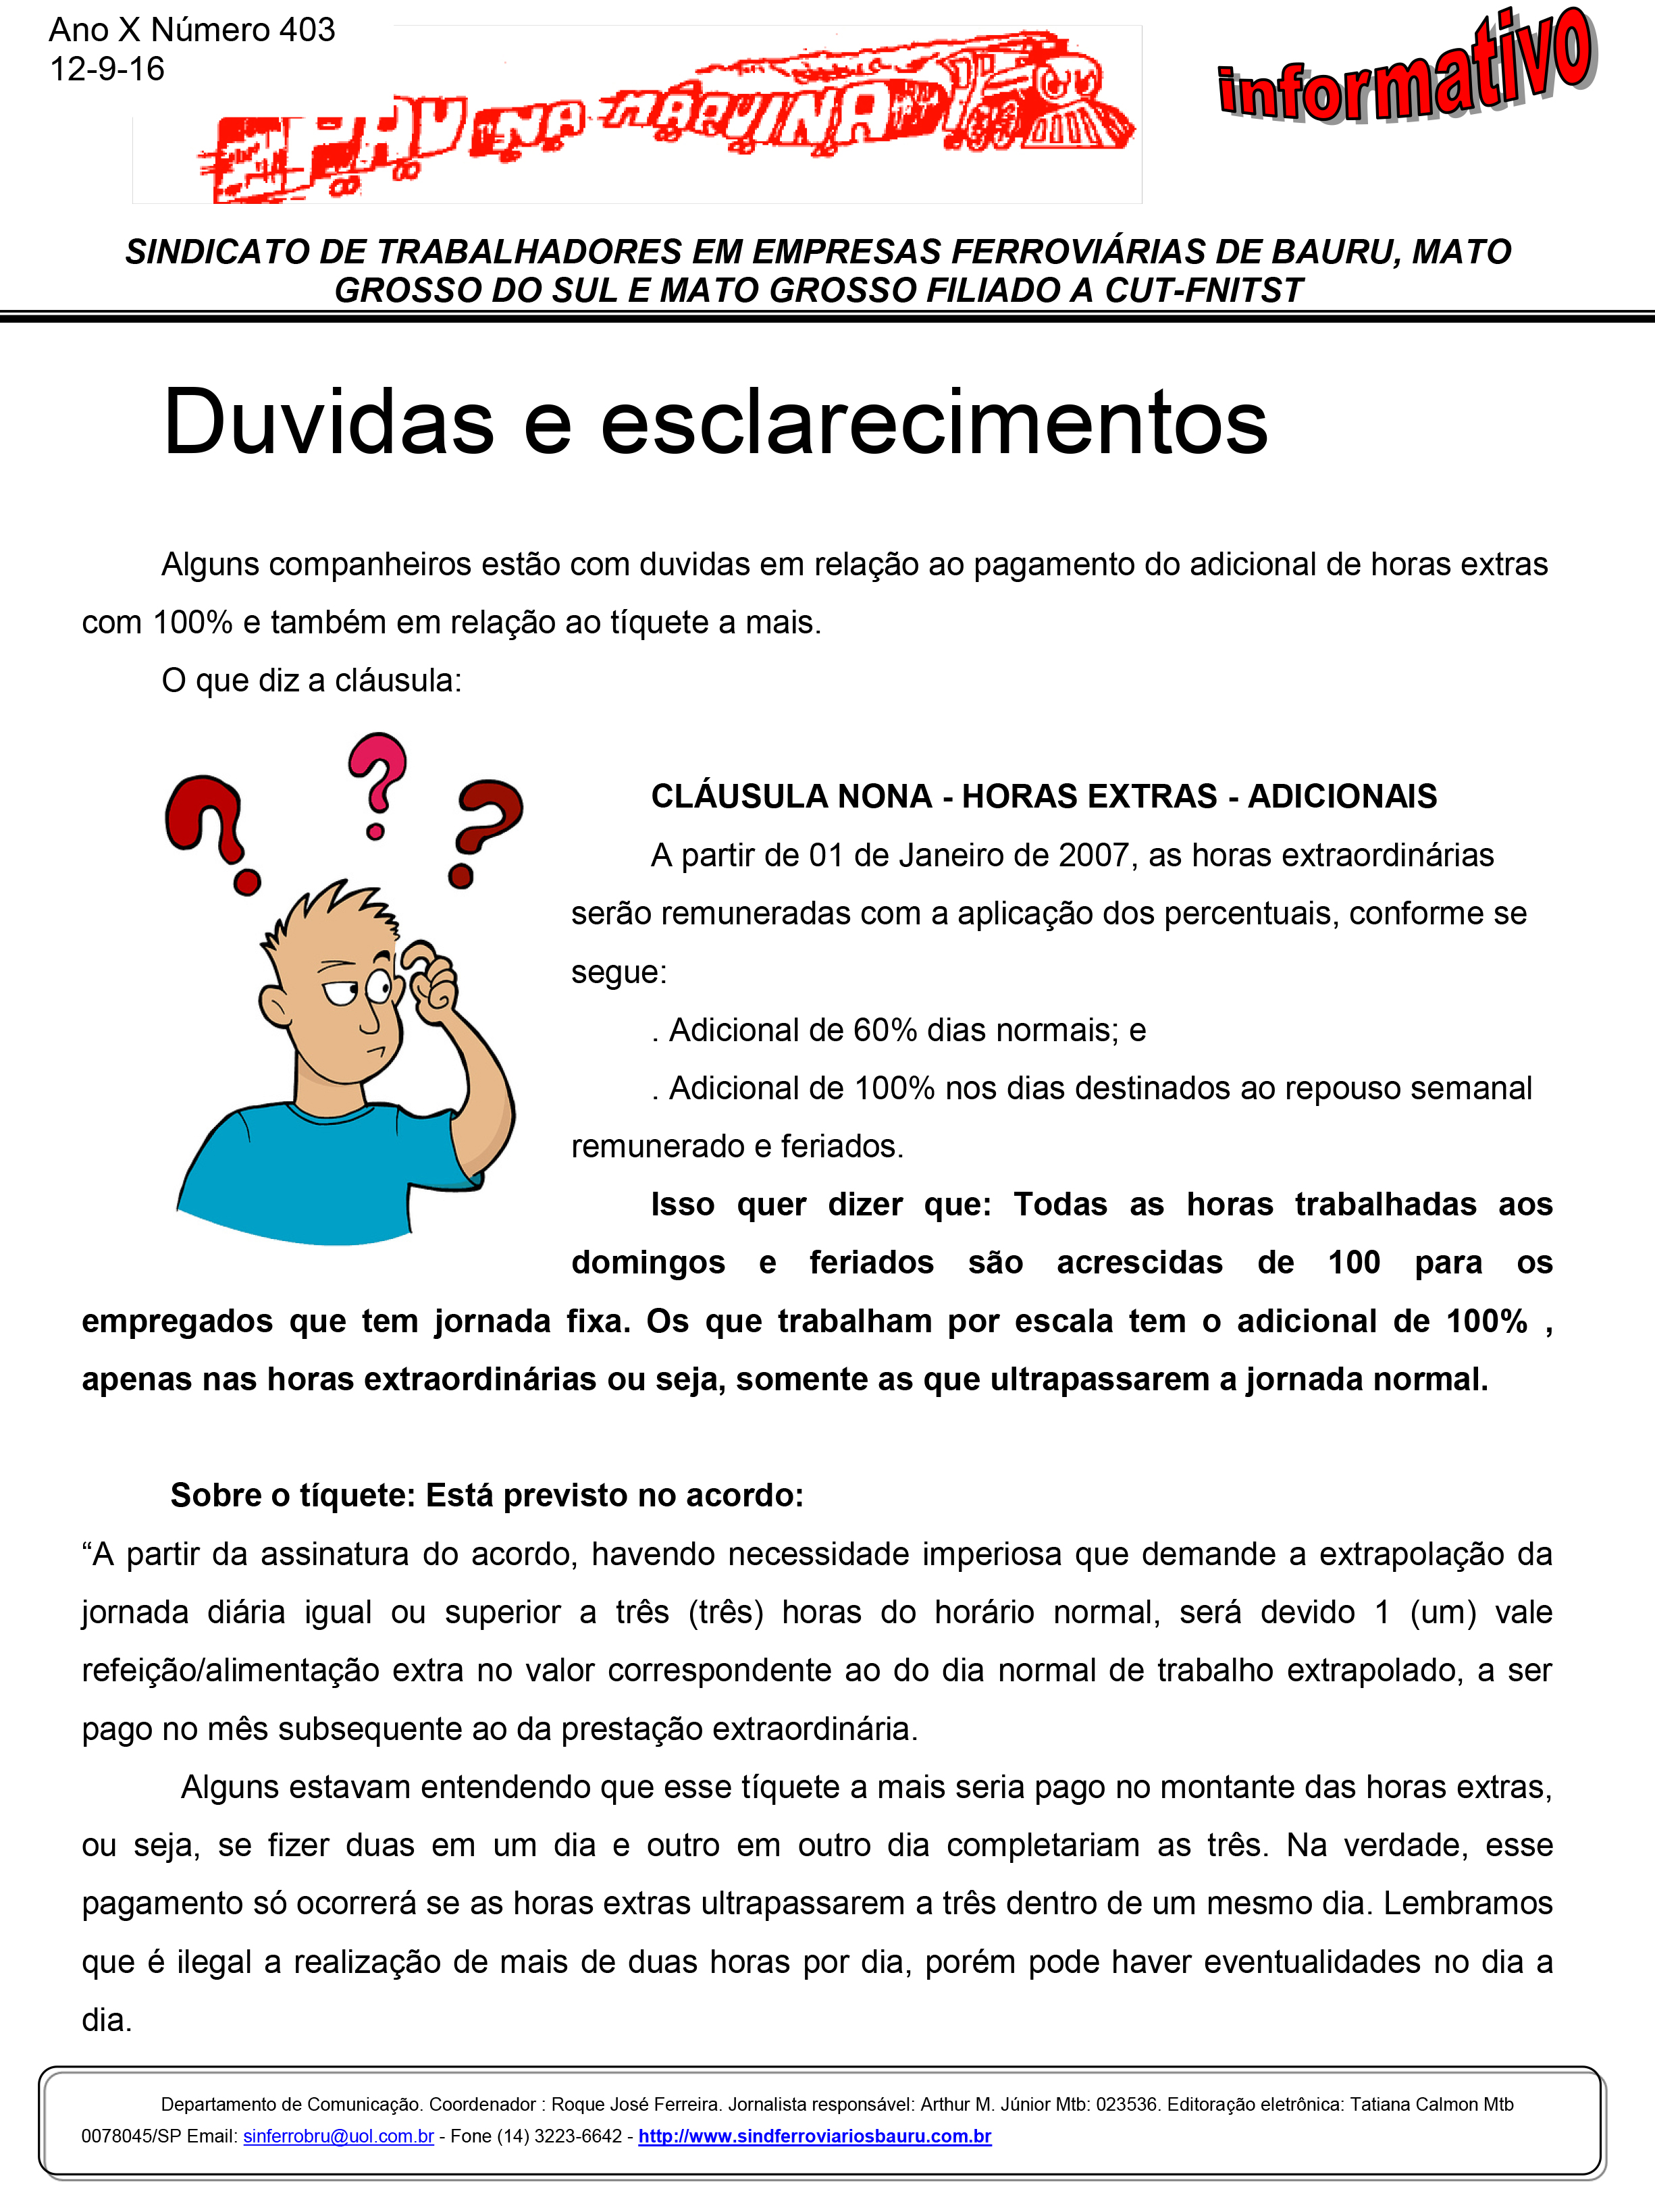 SINDICATO DE TRABALHADORES EM EMPRESAS FERROVIÁRIAS DE BAURU, MATO GROSSO DO SUL E MATO GROSSO - informativo Setembro 2016